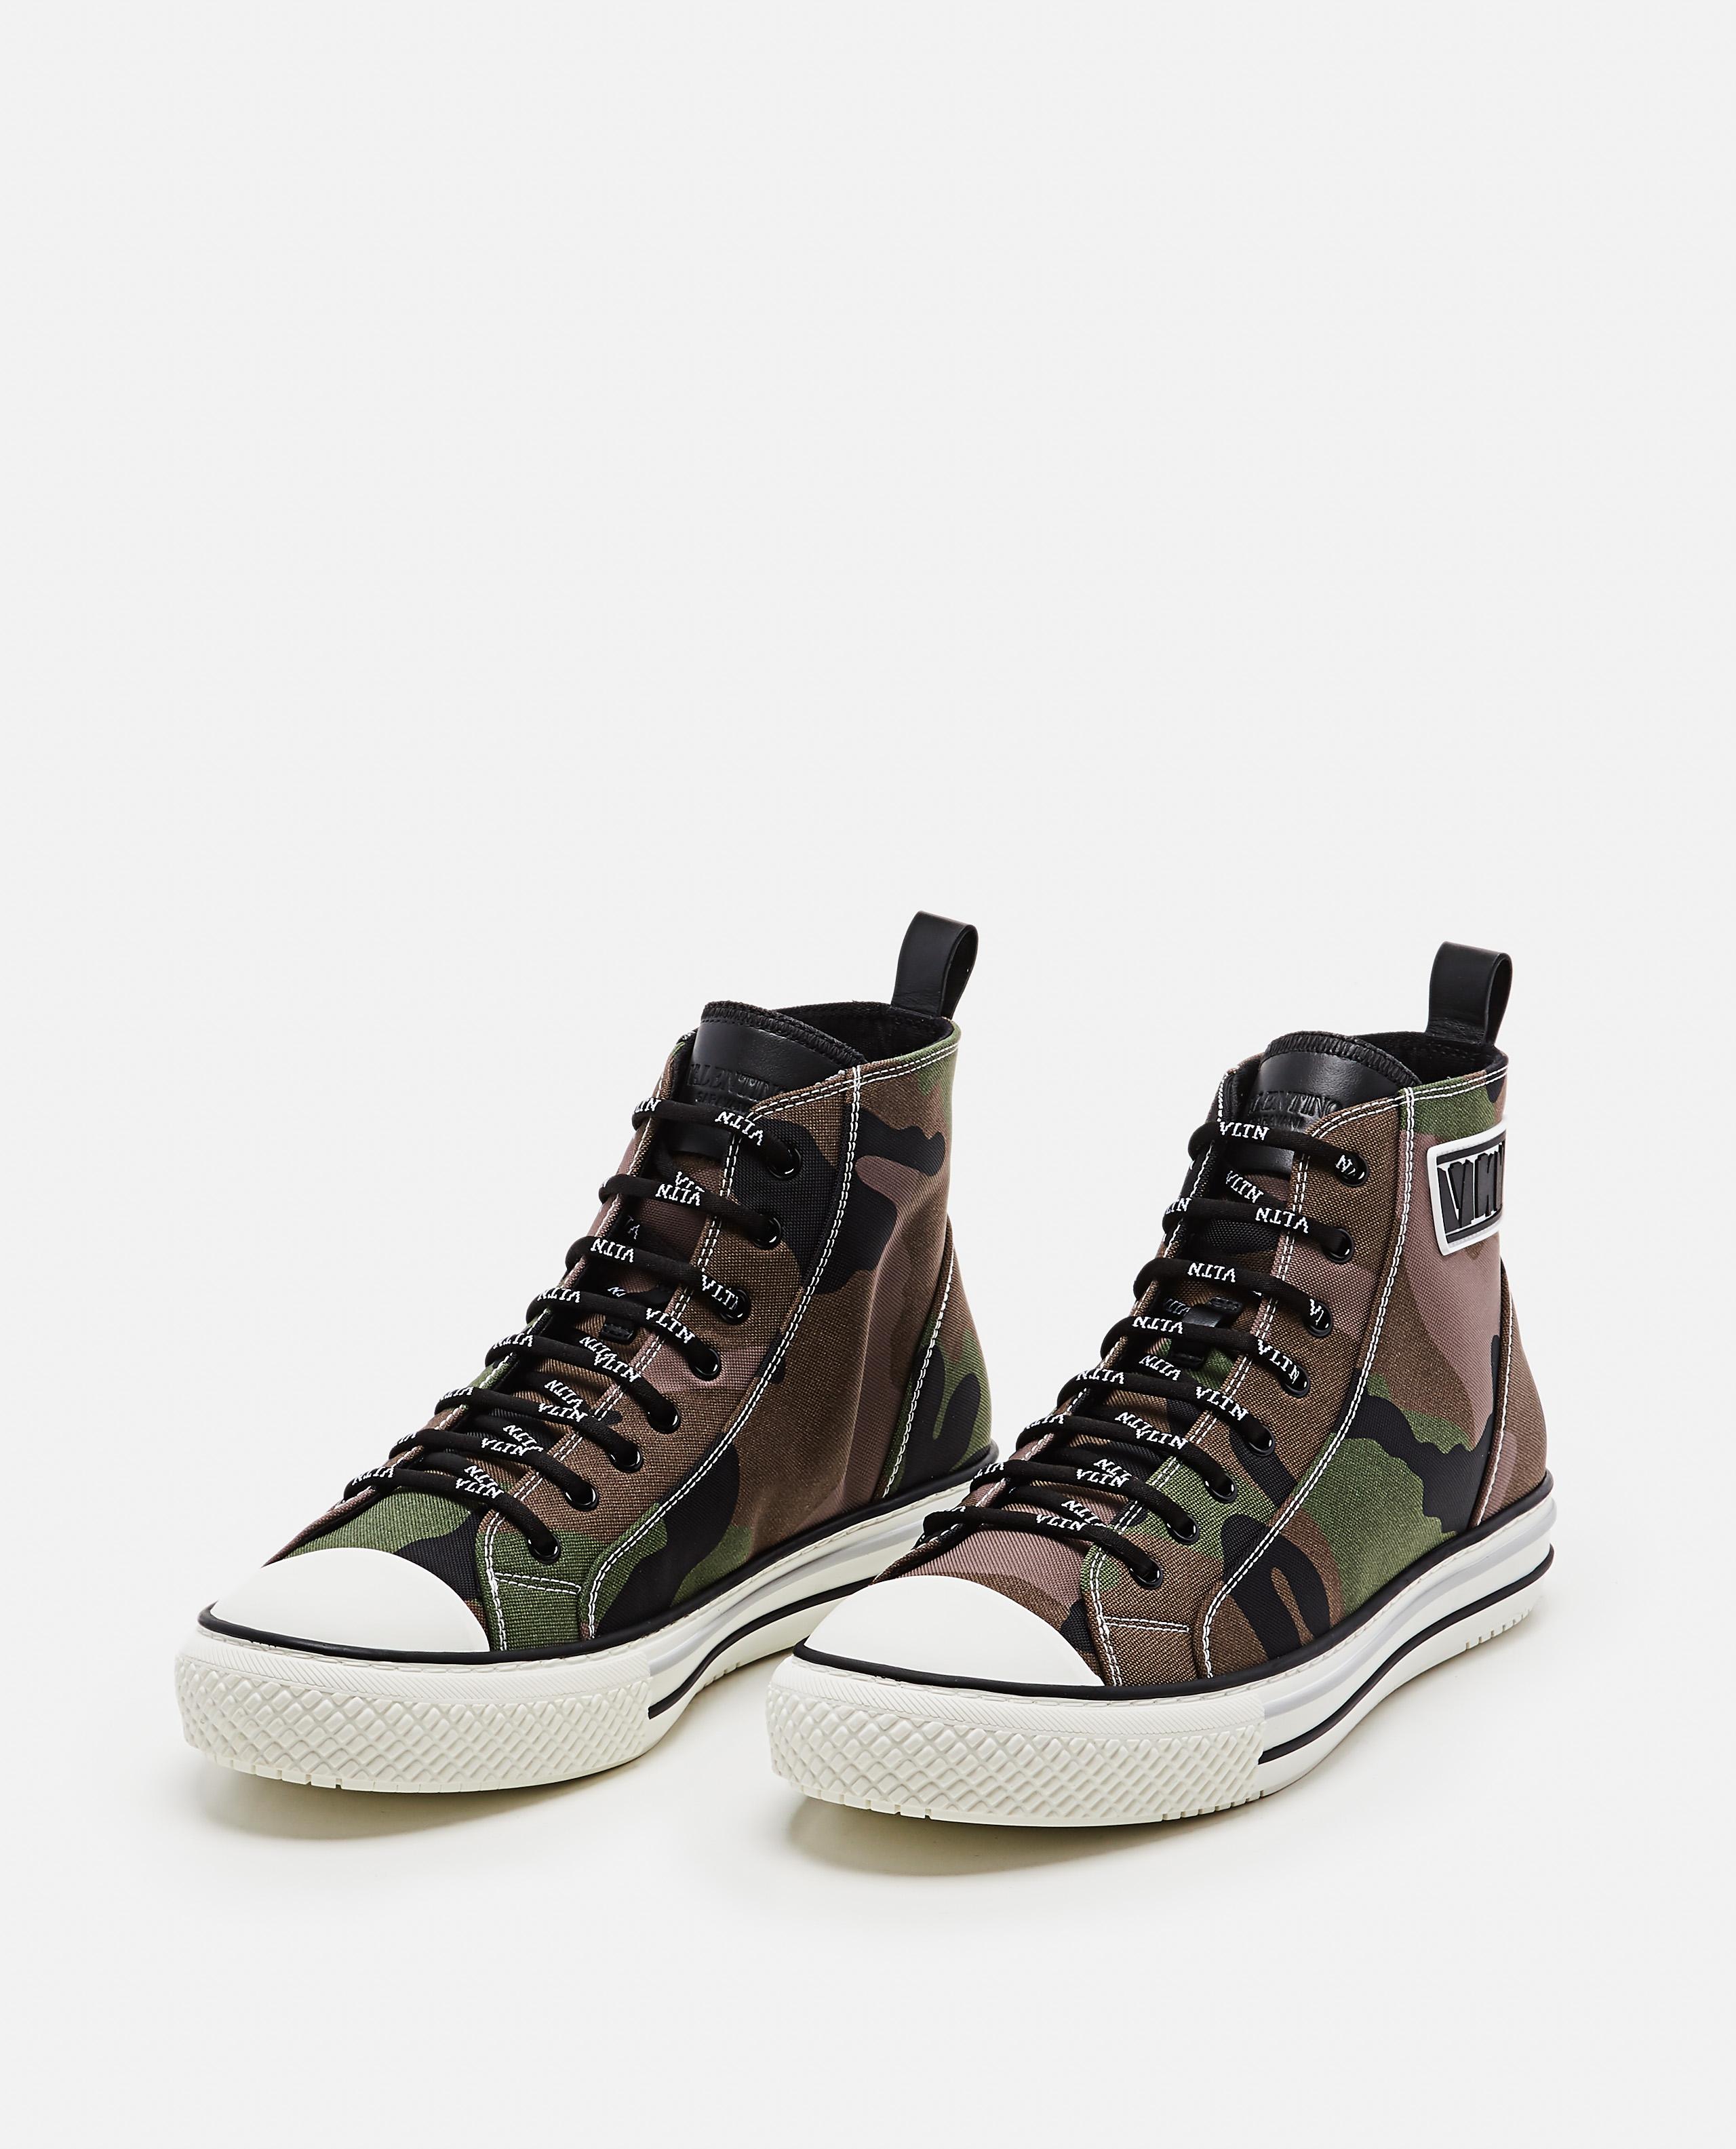 Giggies VLTN high sneakers